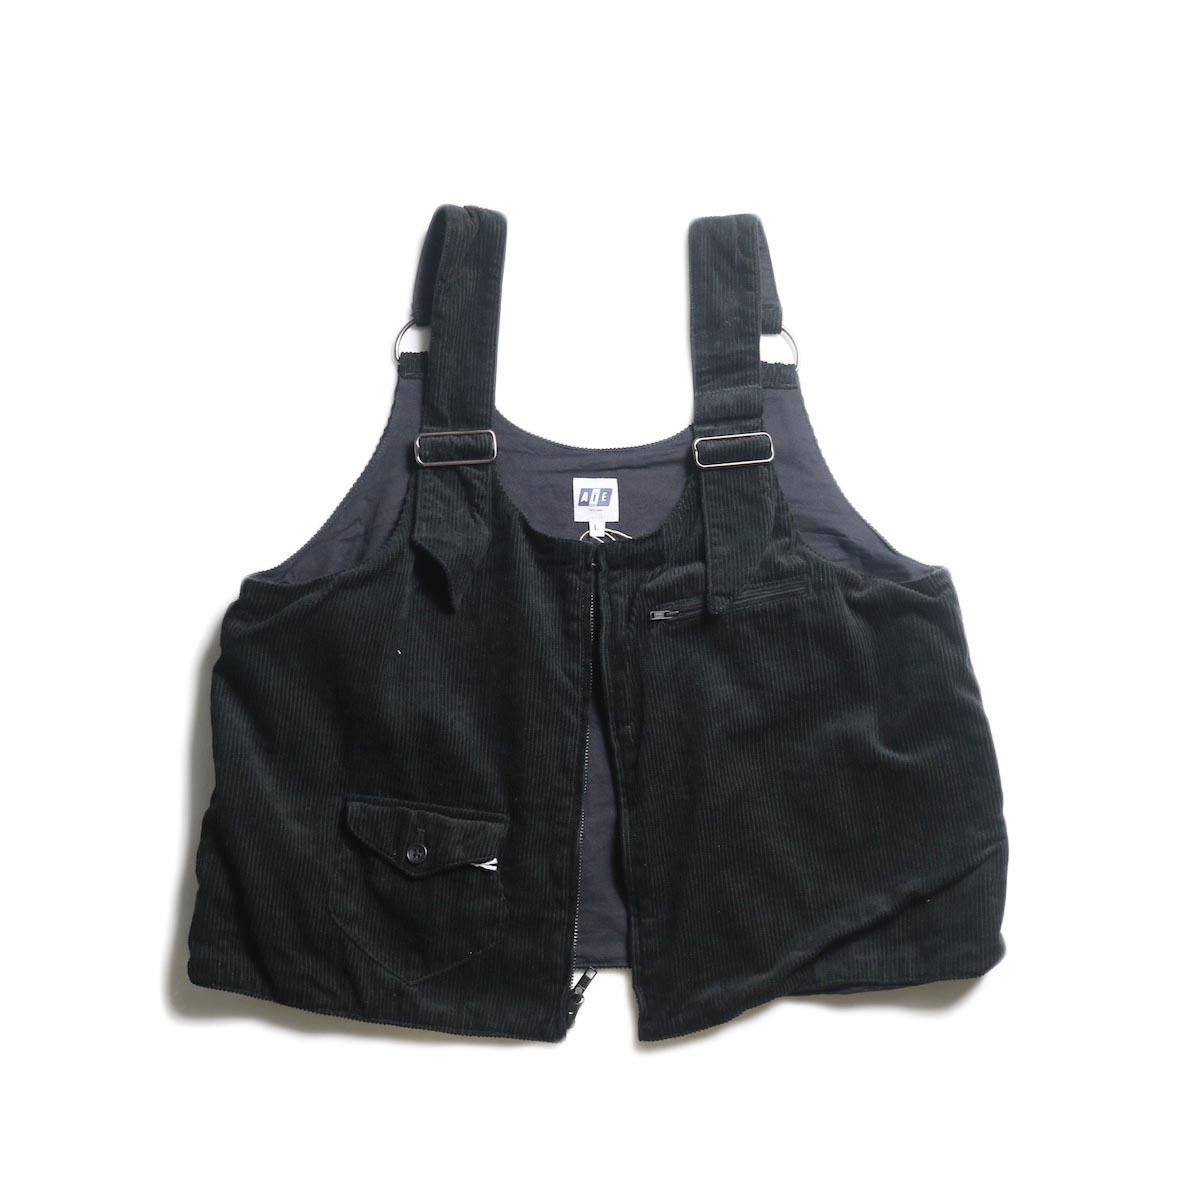 AiE / DSD Vest -8W Corduroy (Black)